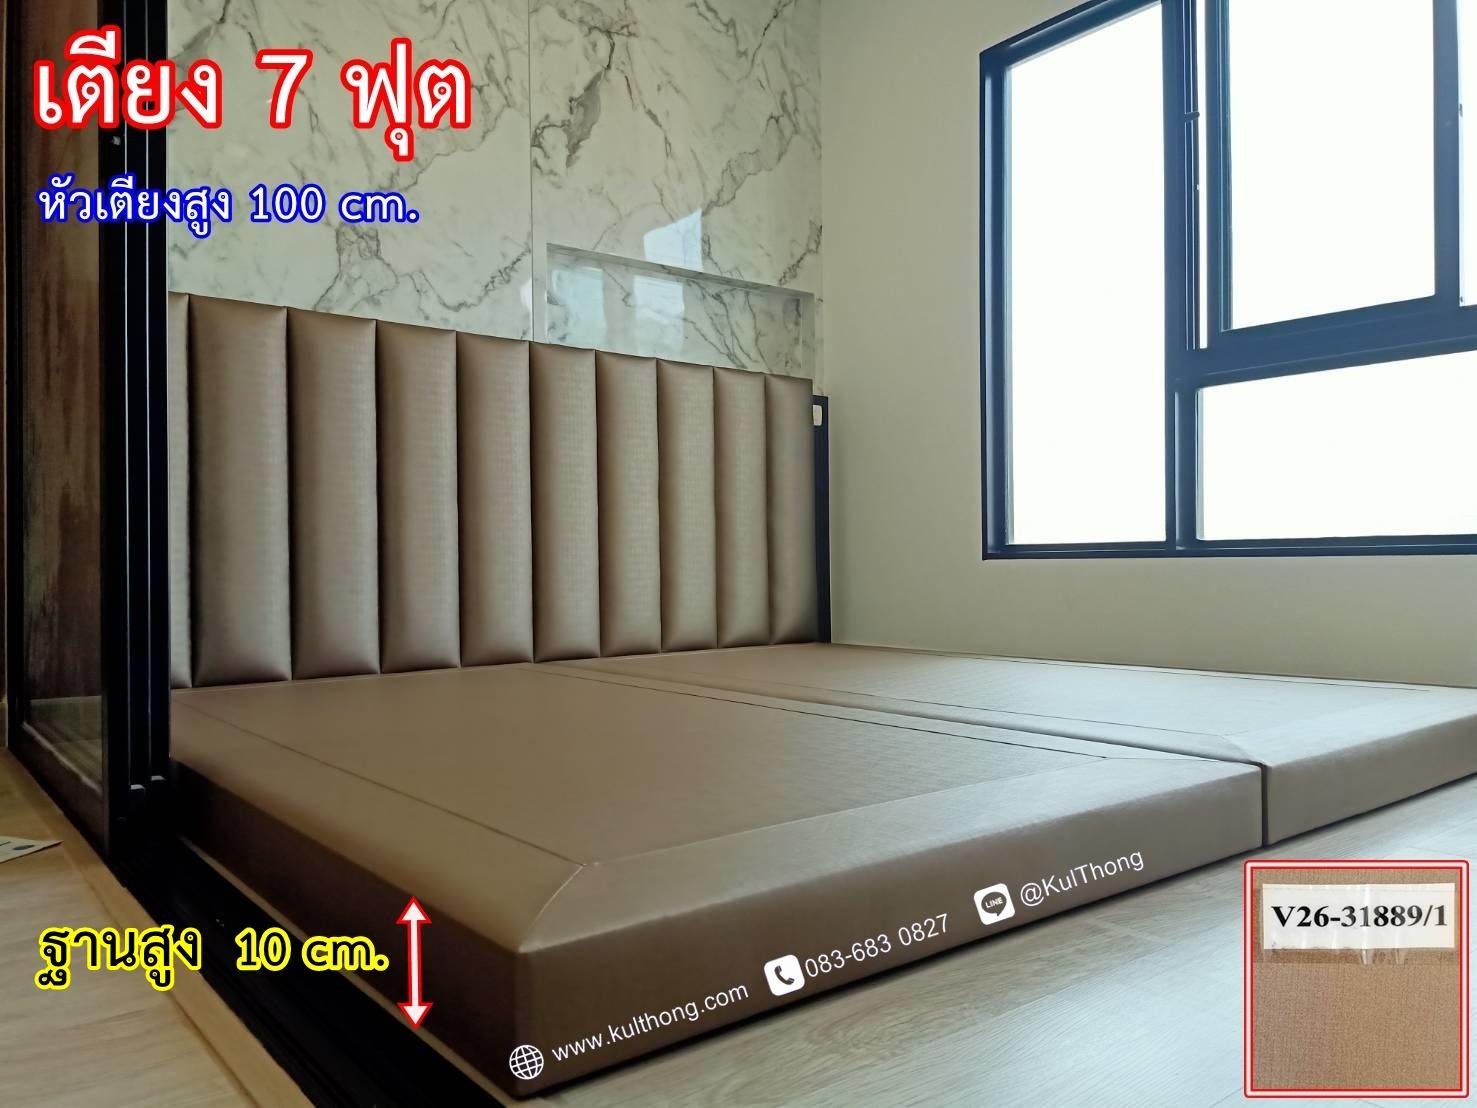 ฐานเตียง ฐานรองที่นอน แผ่นหัวเตียง